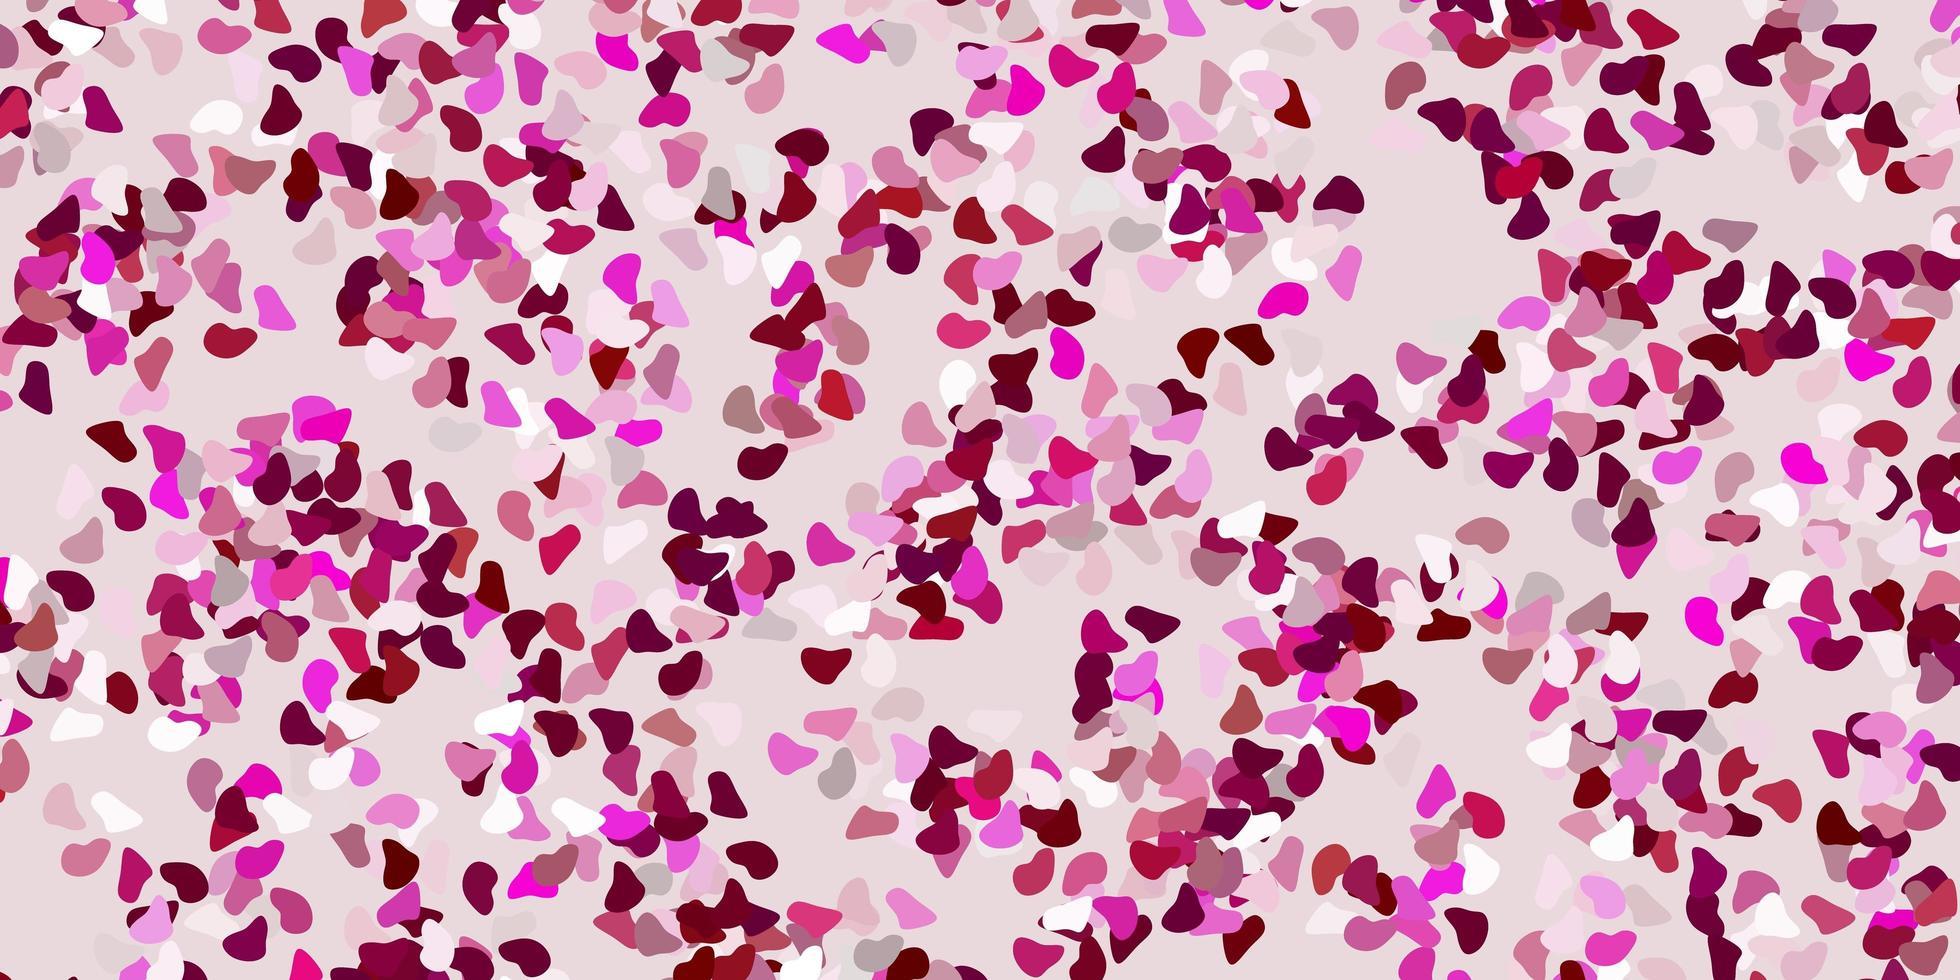 sfondo vettoriale rosa chiaro con forme casuali.